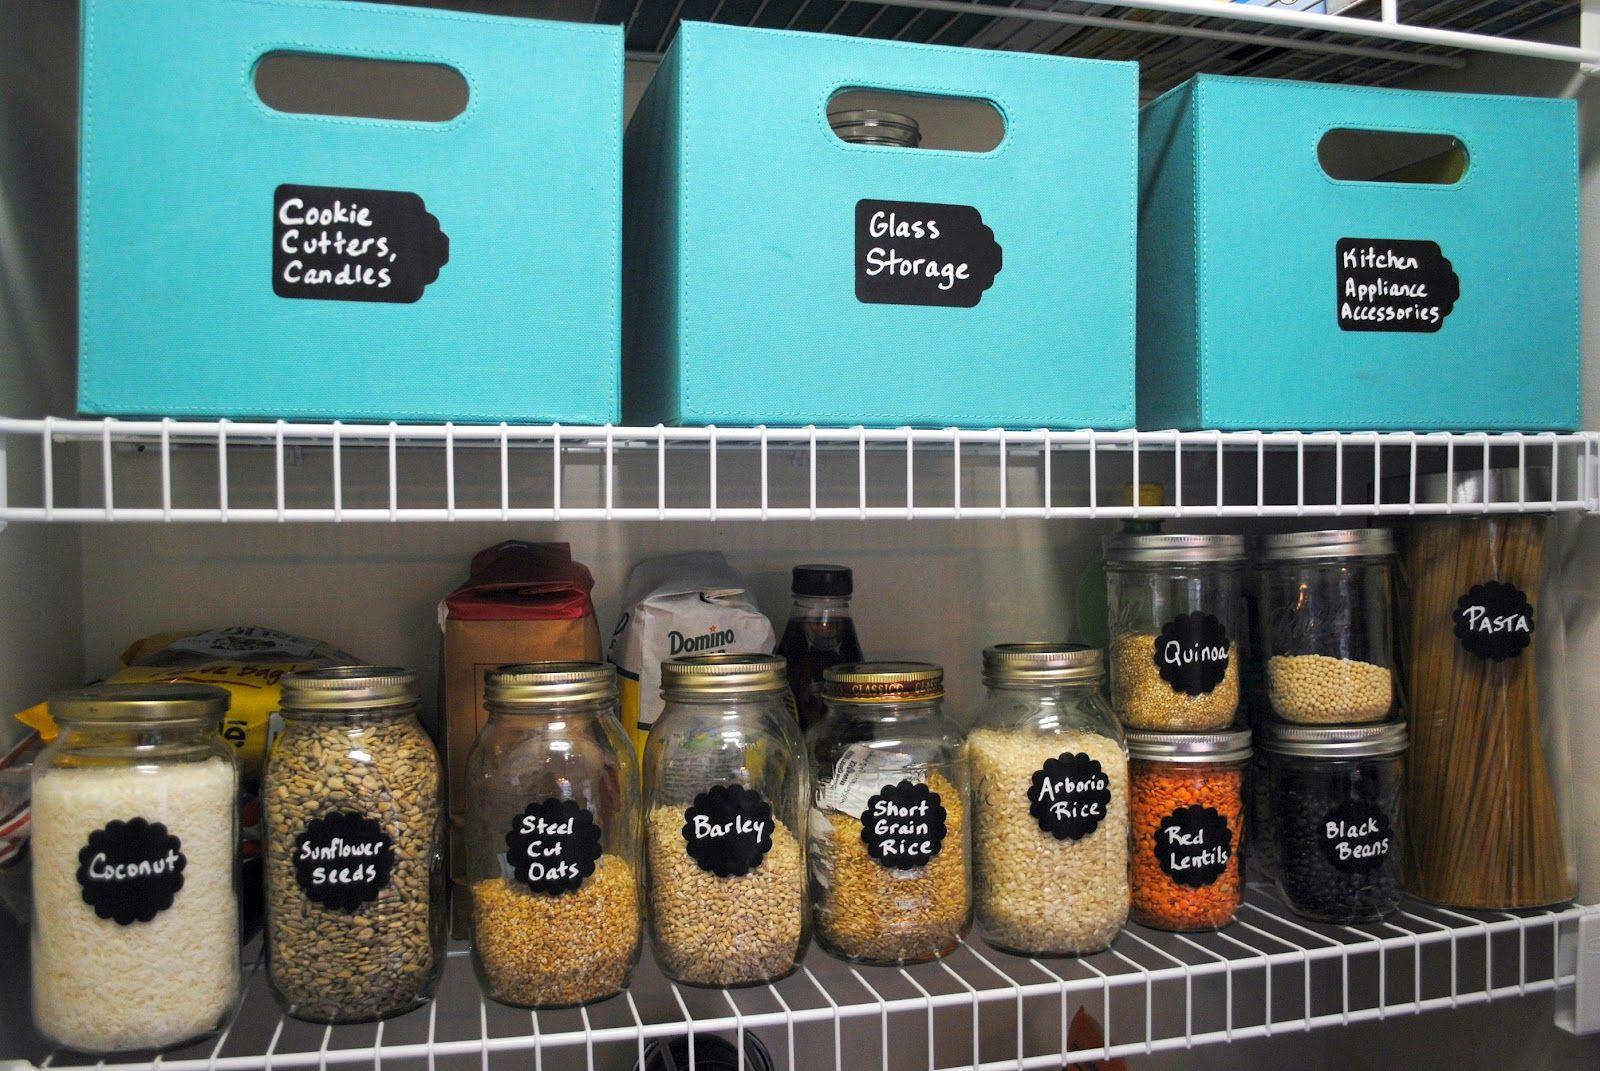 die besten 25 speisekammer organisieren ideen auf pinterest lebensmittellagerorganisation. Black Bedroom Furniture Sets. Home Design Ideas